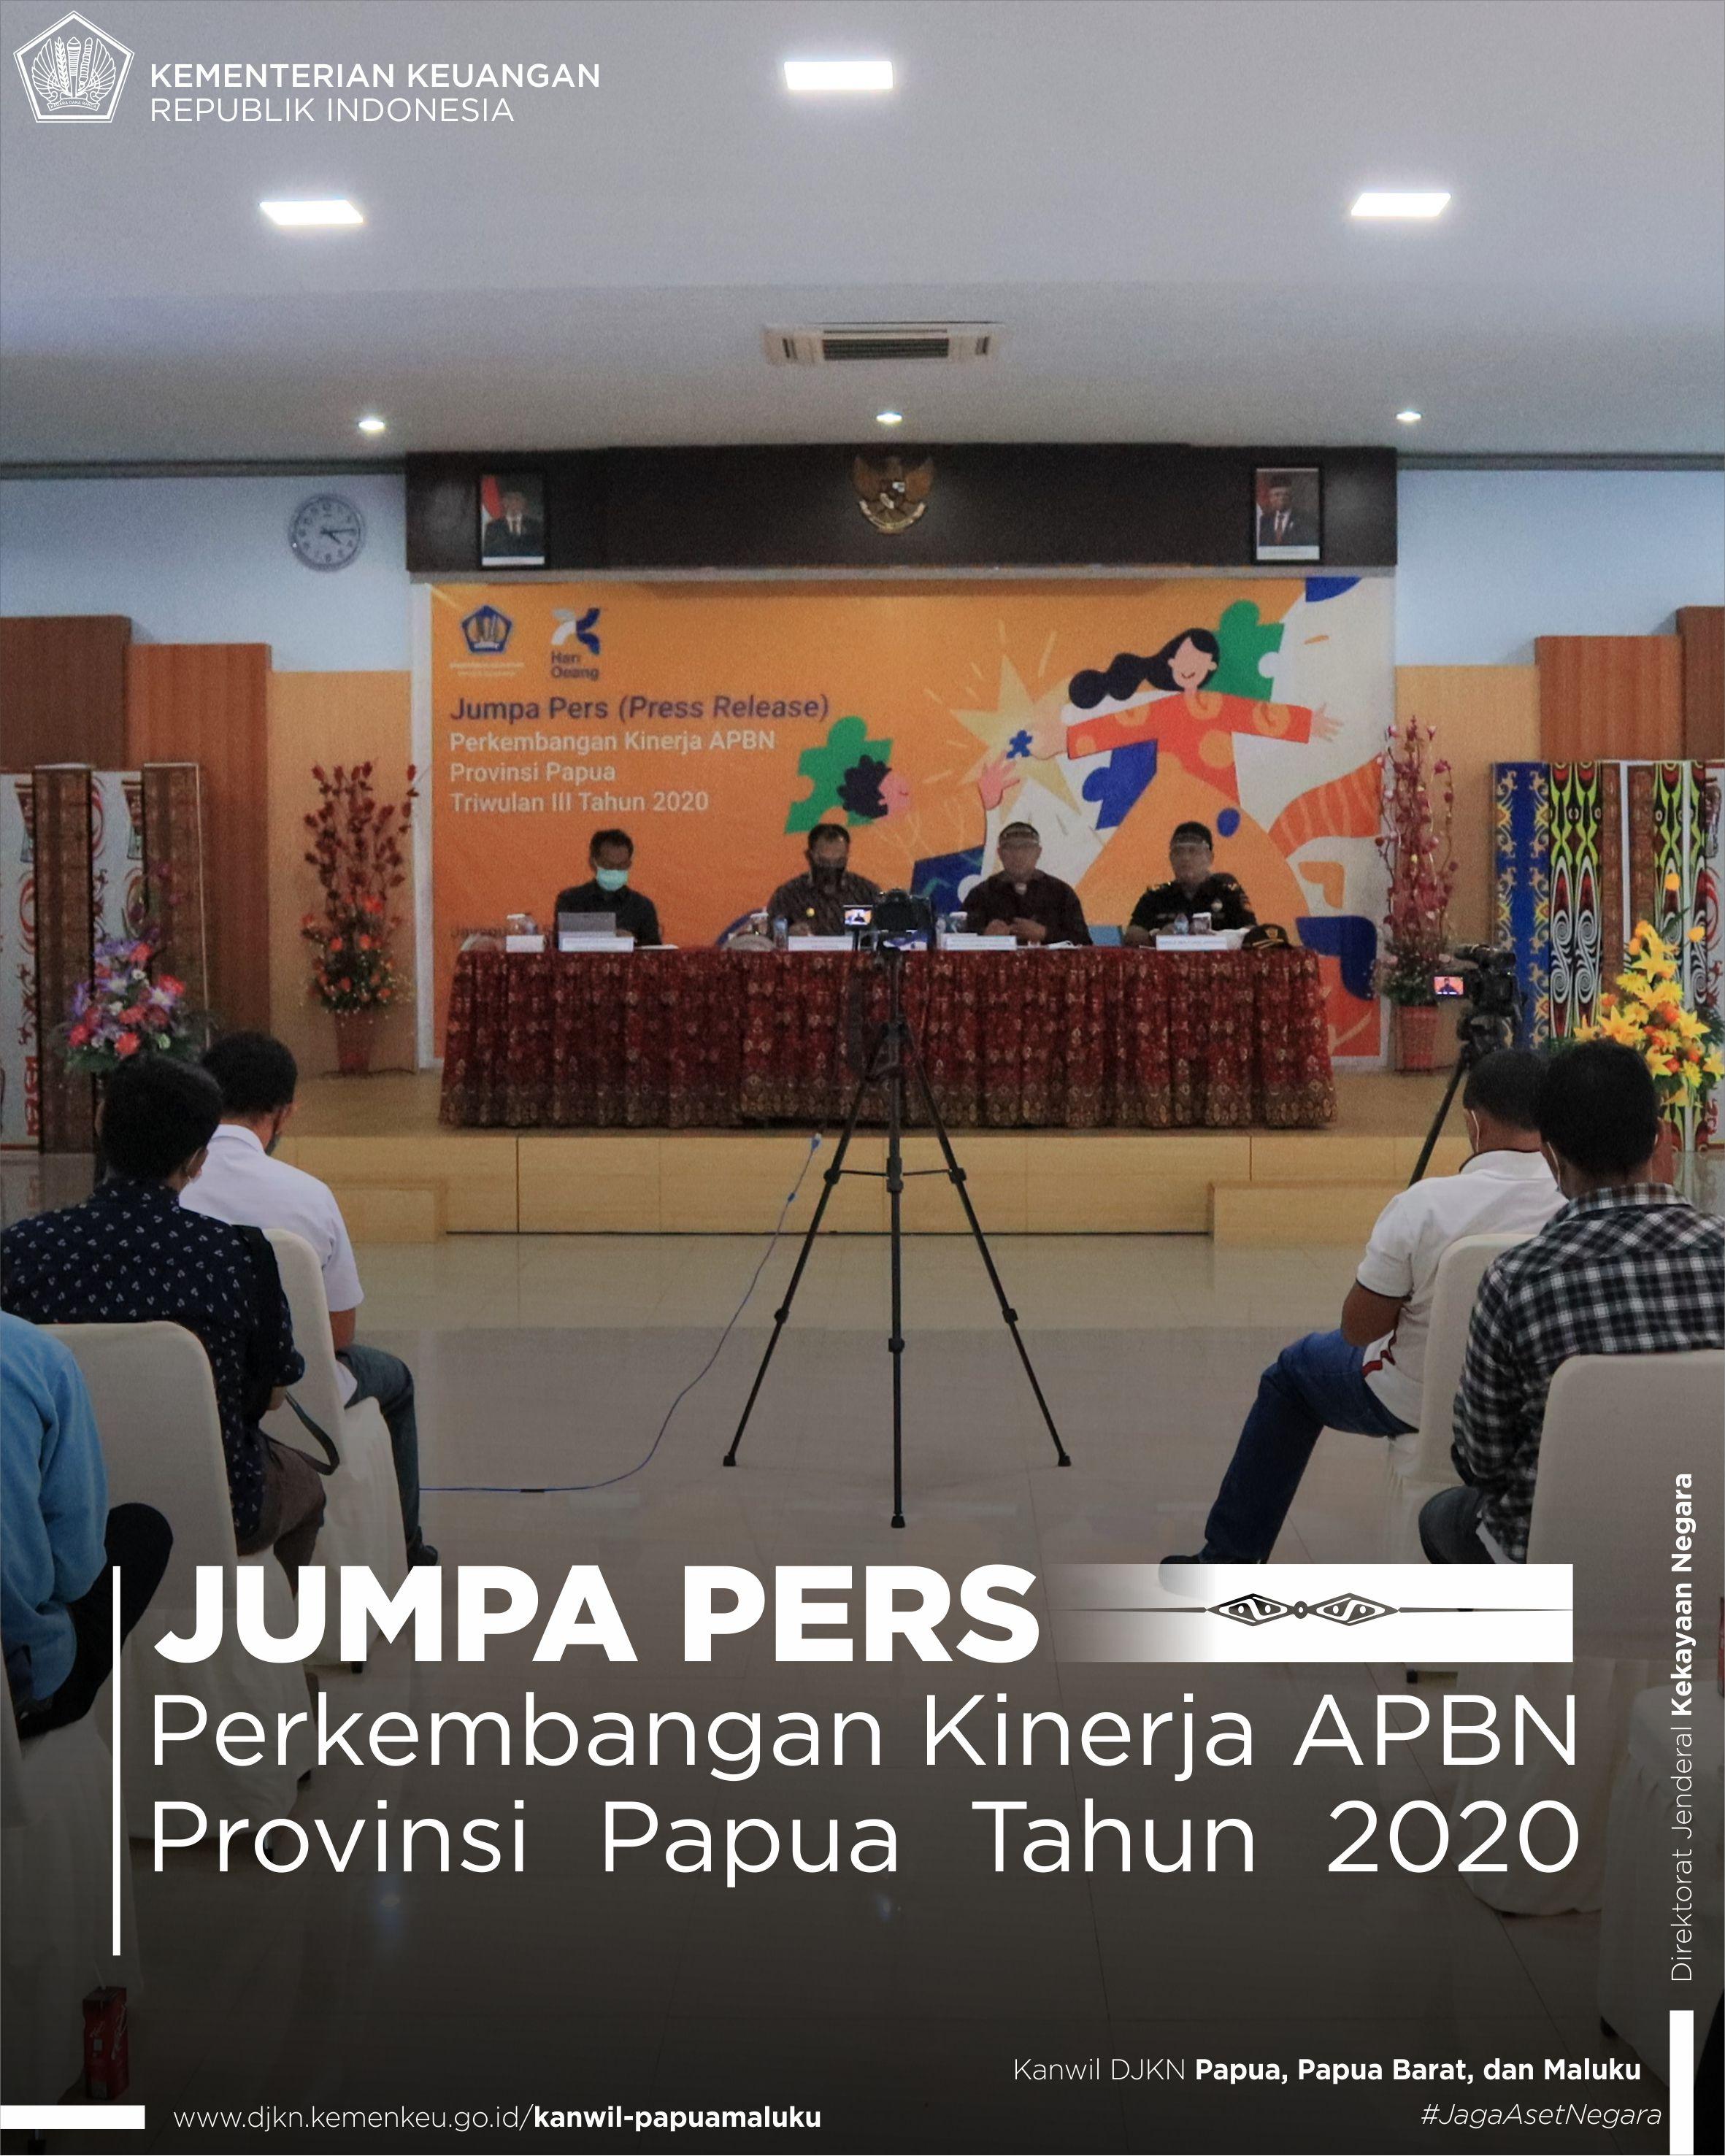 Jumpa Pers (Press Release) untuk Publikasi Perkembangan APBN Provinsi Papua Triwulan III Tahun 2020